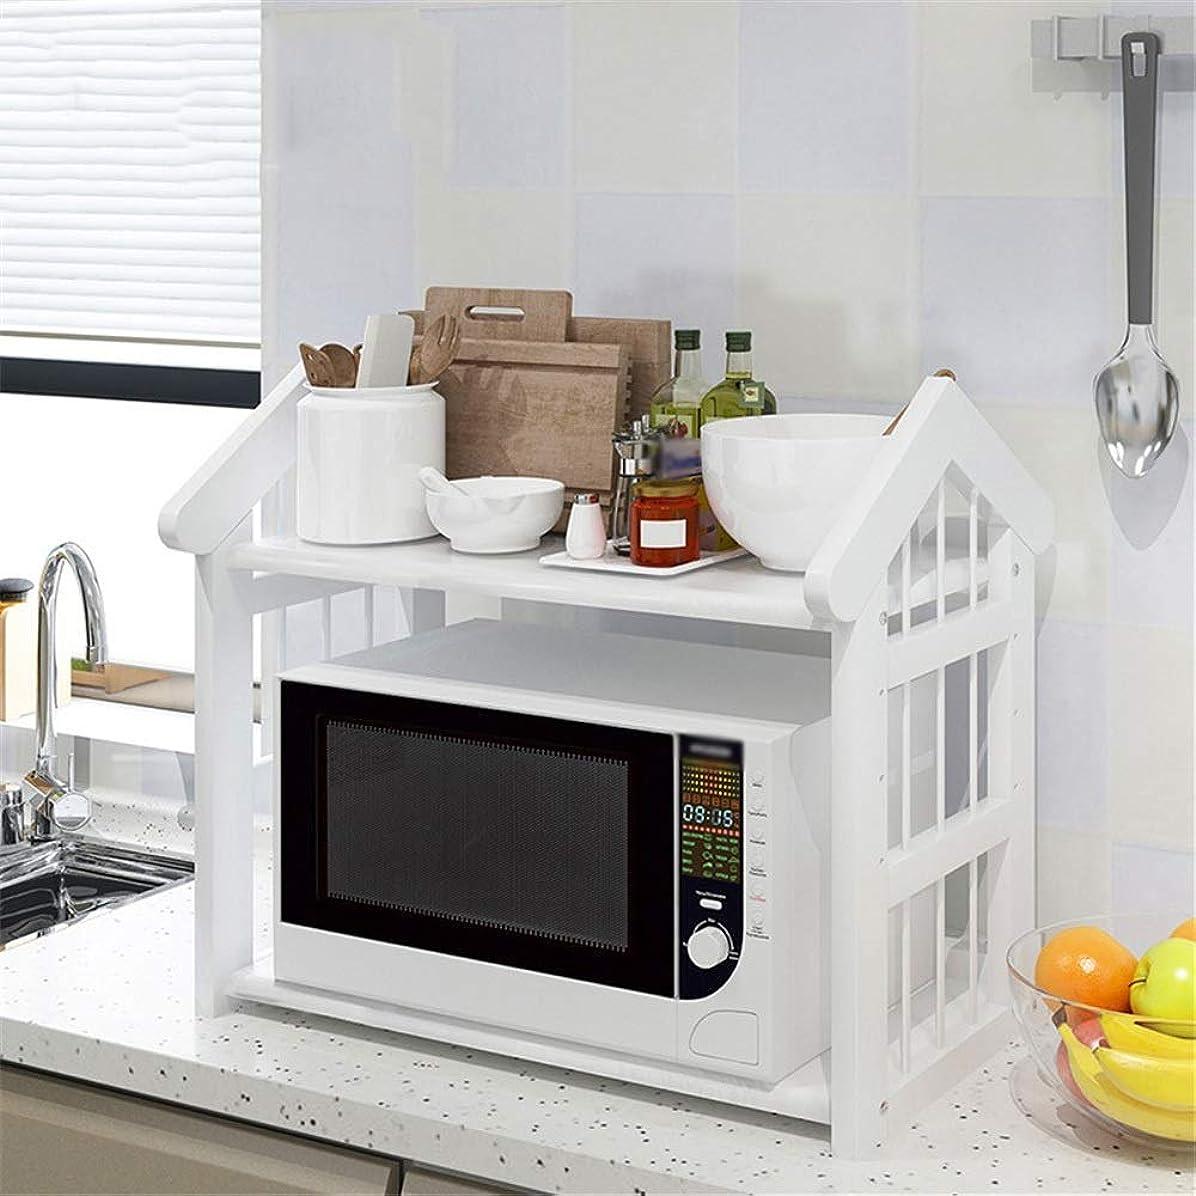 泥速記写真のレンジボード マルチレイヤ大容量ストレージボウルラックキッチン木製ラックラックオーブンラックオーブンレンジラック 組み立て簡単 (Color : White, Size : 53 x 25 x 37cm)